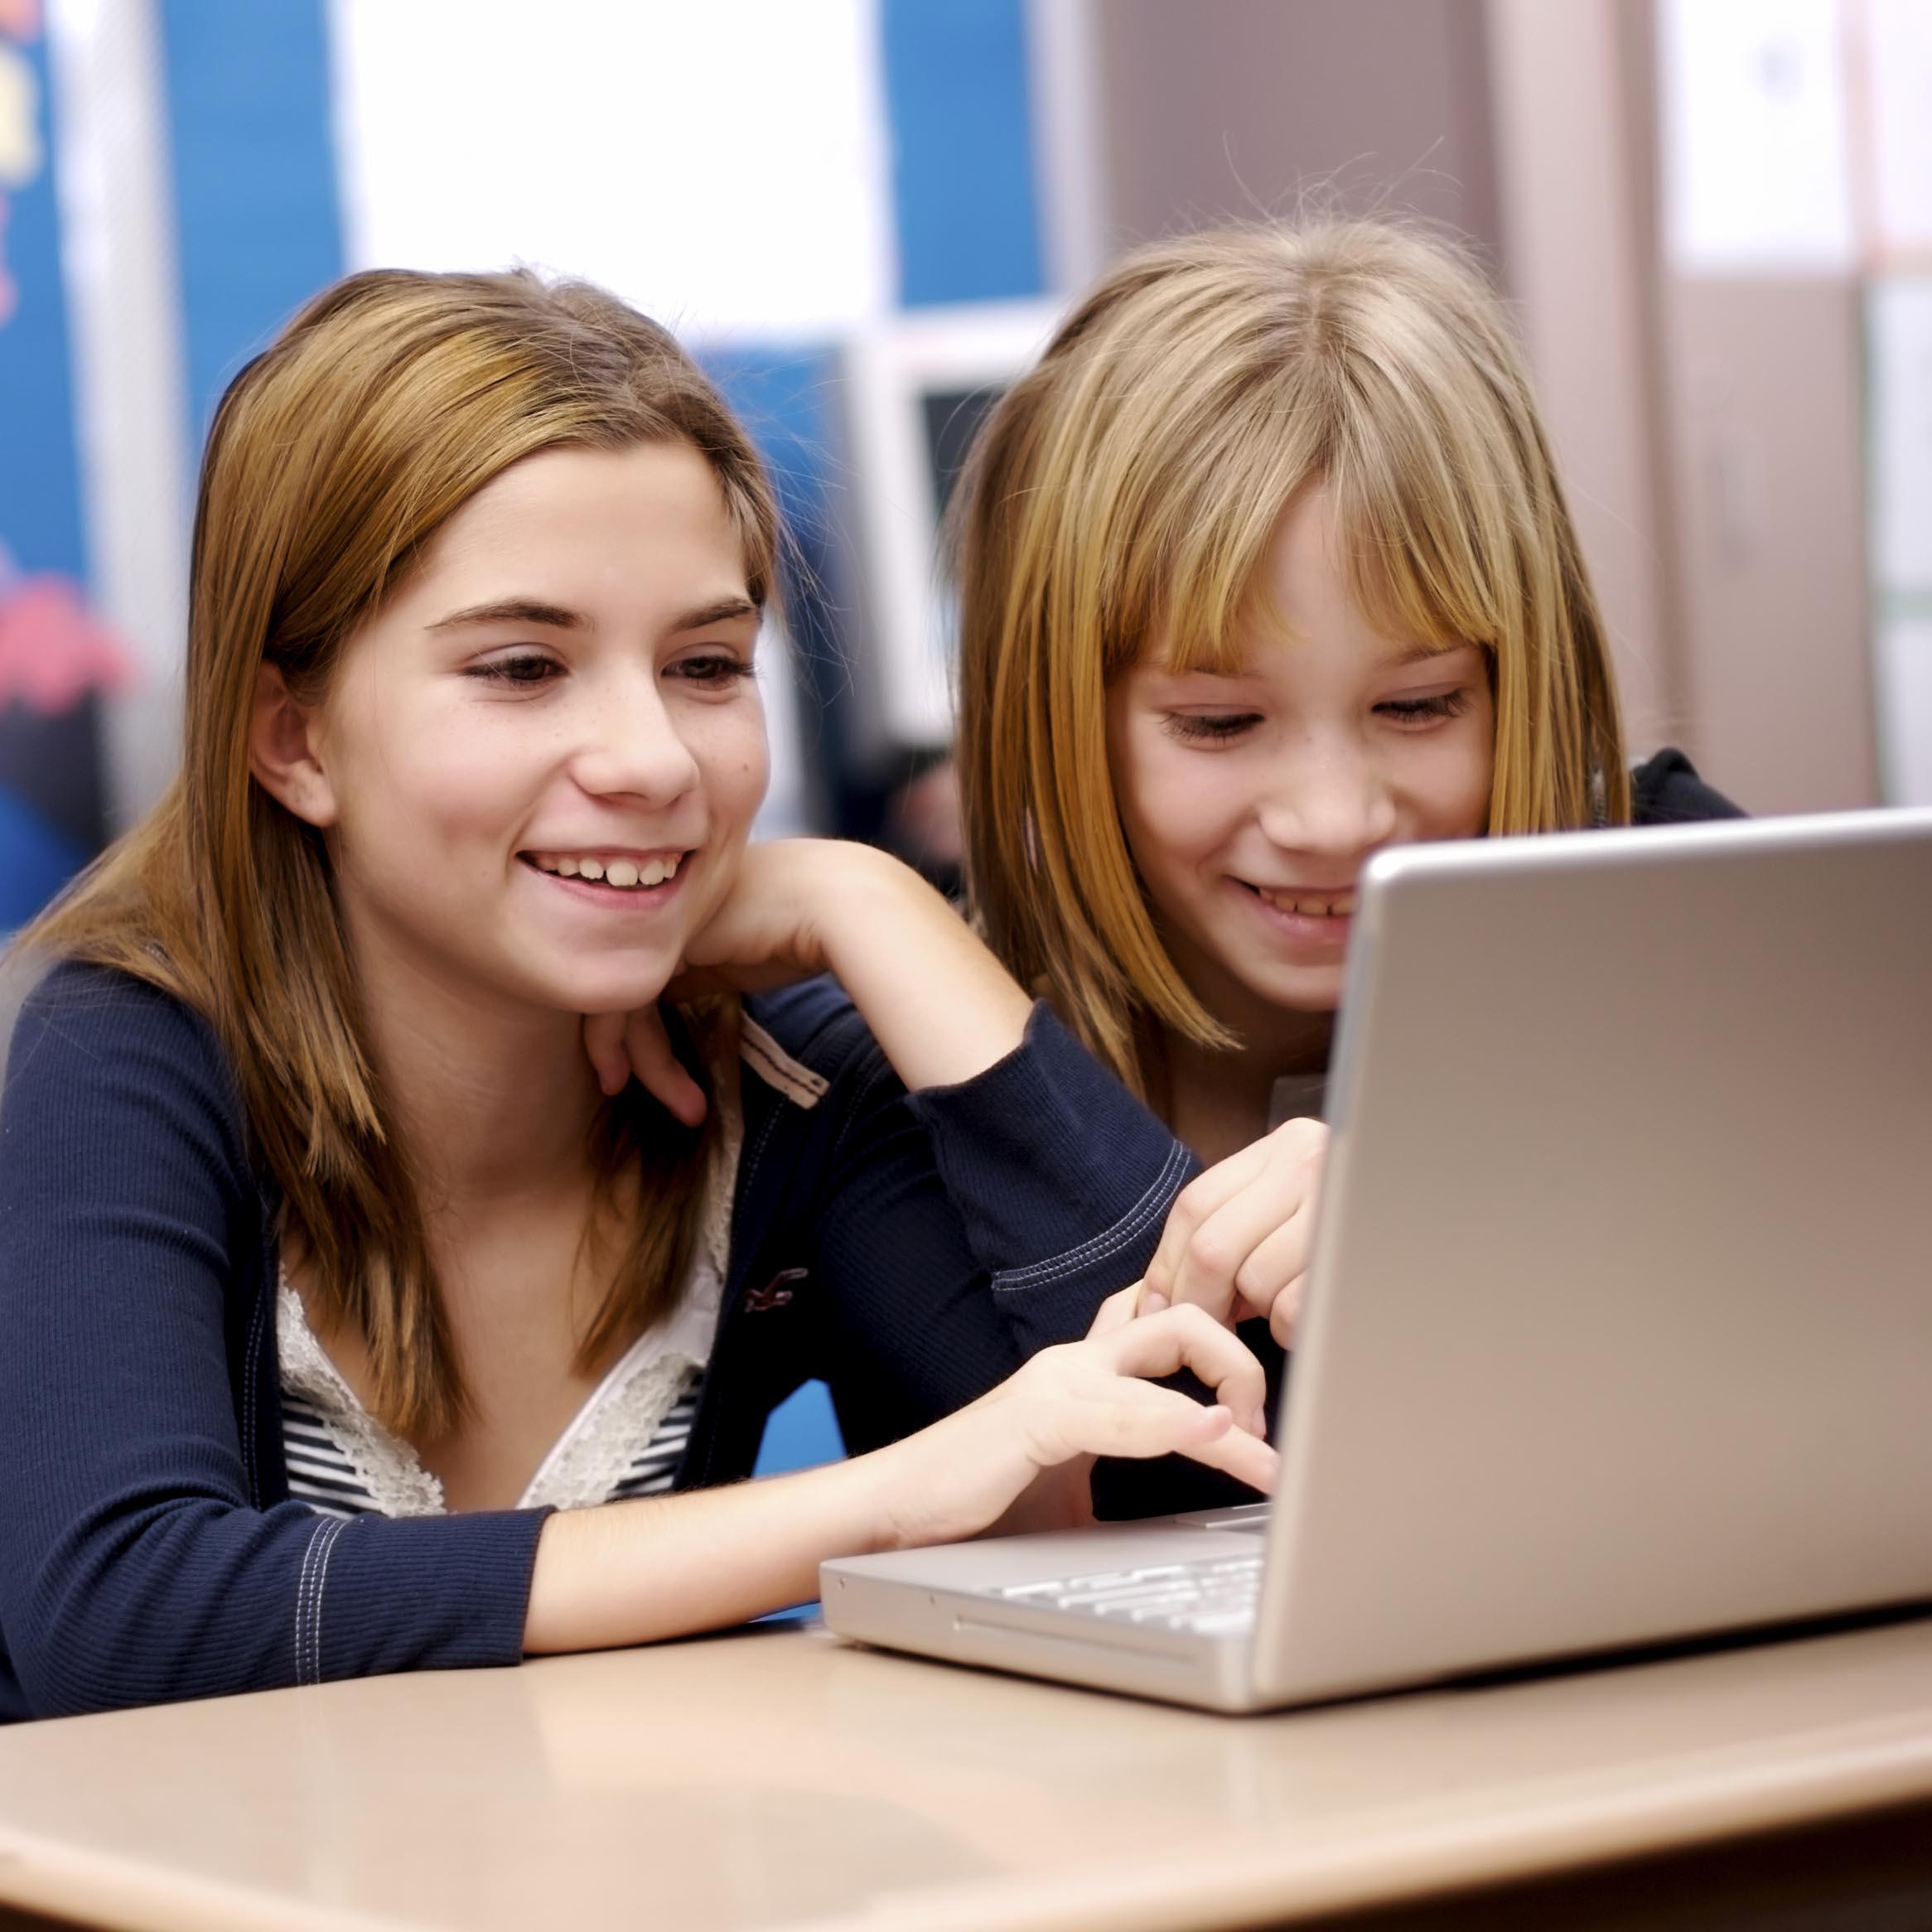 знакомства в интернете для подростков